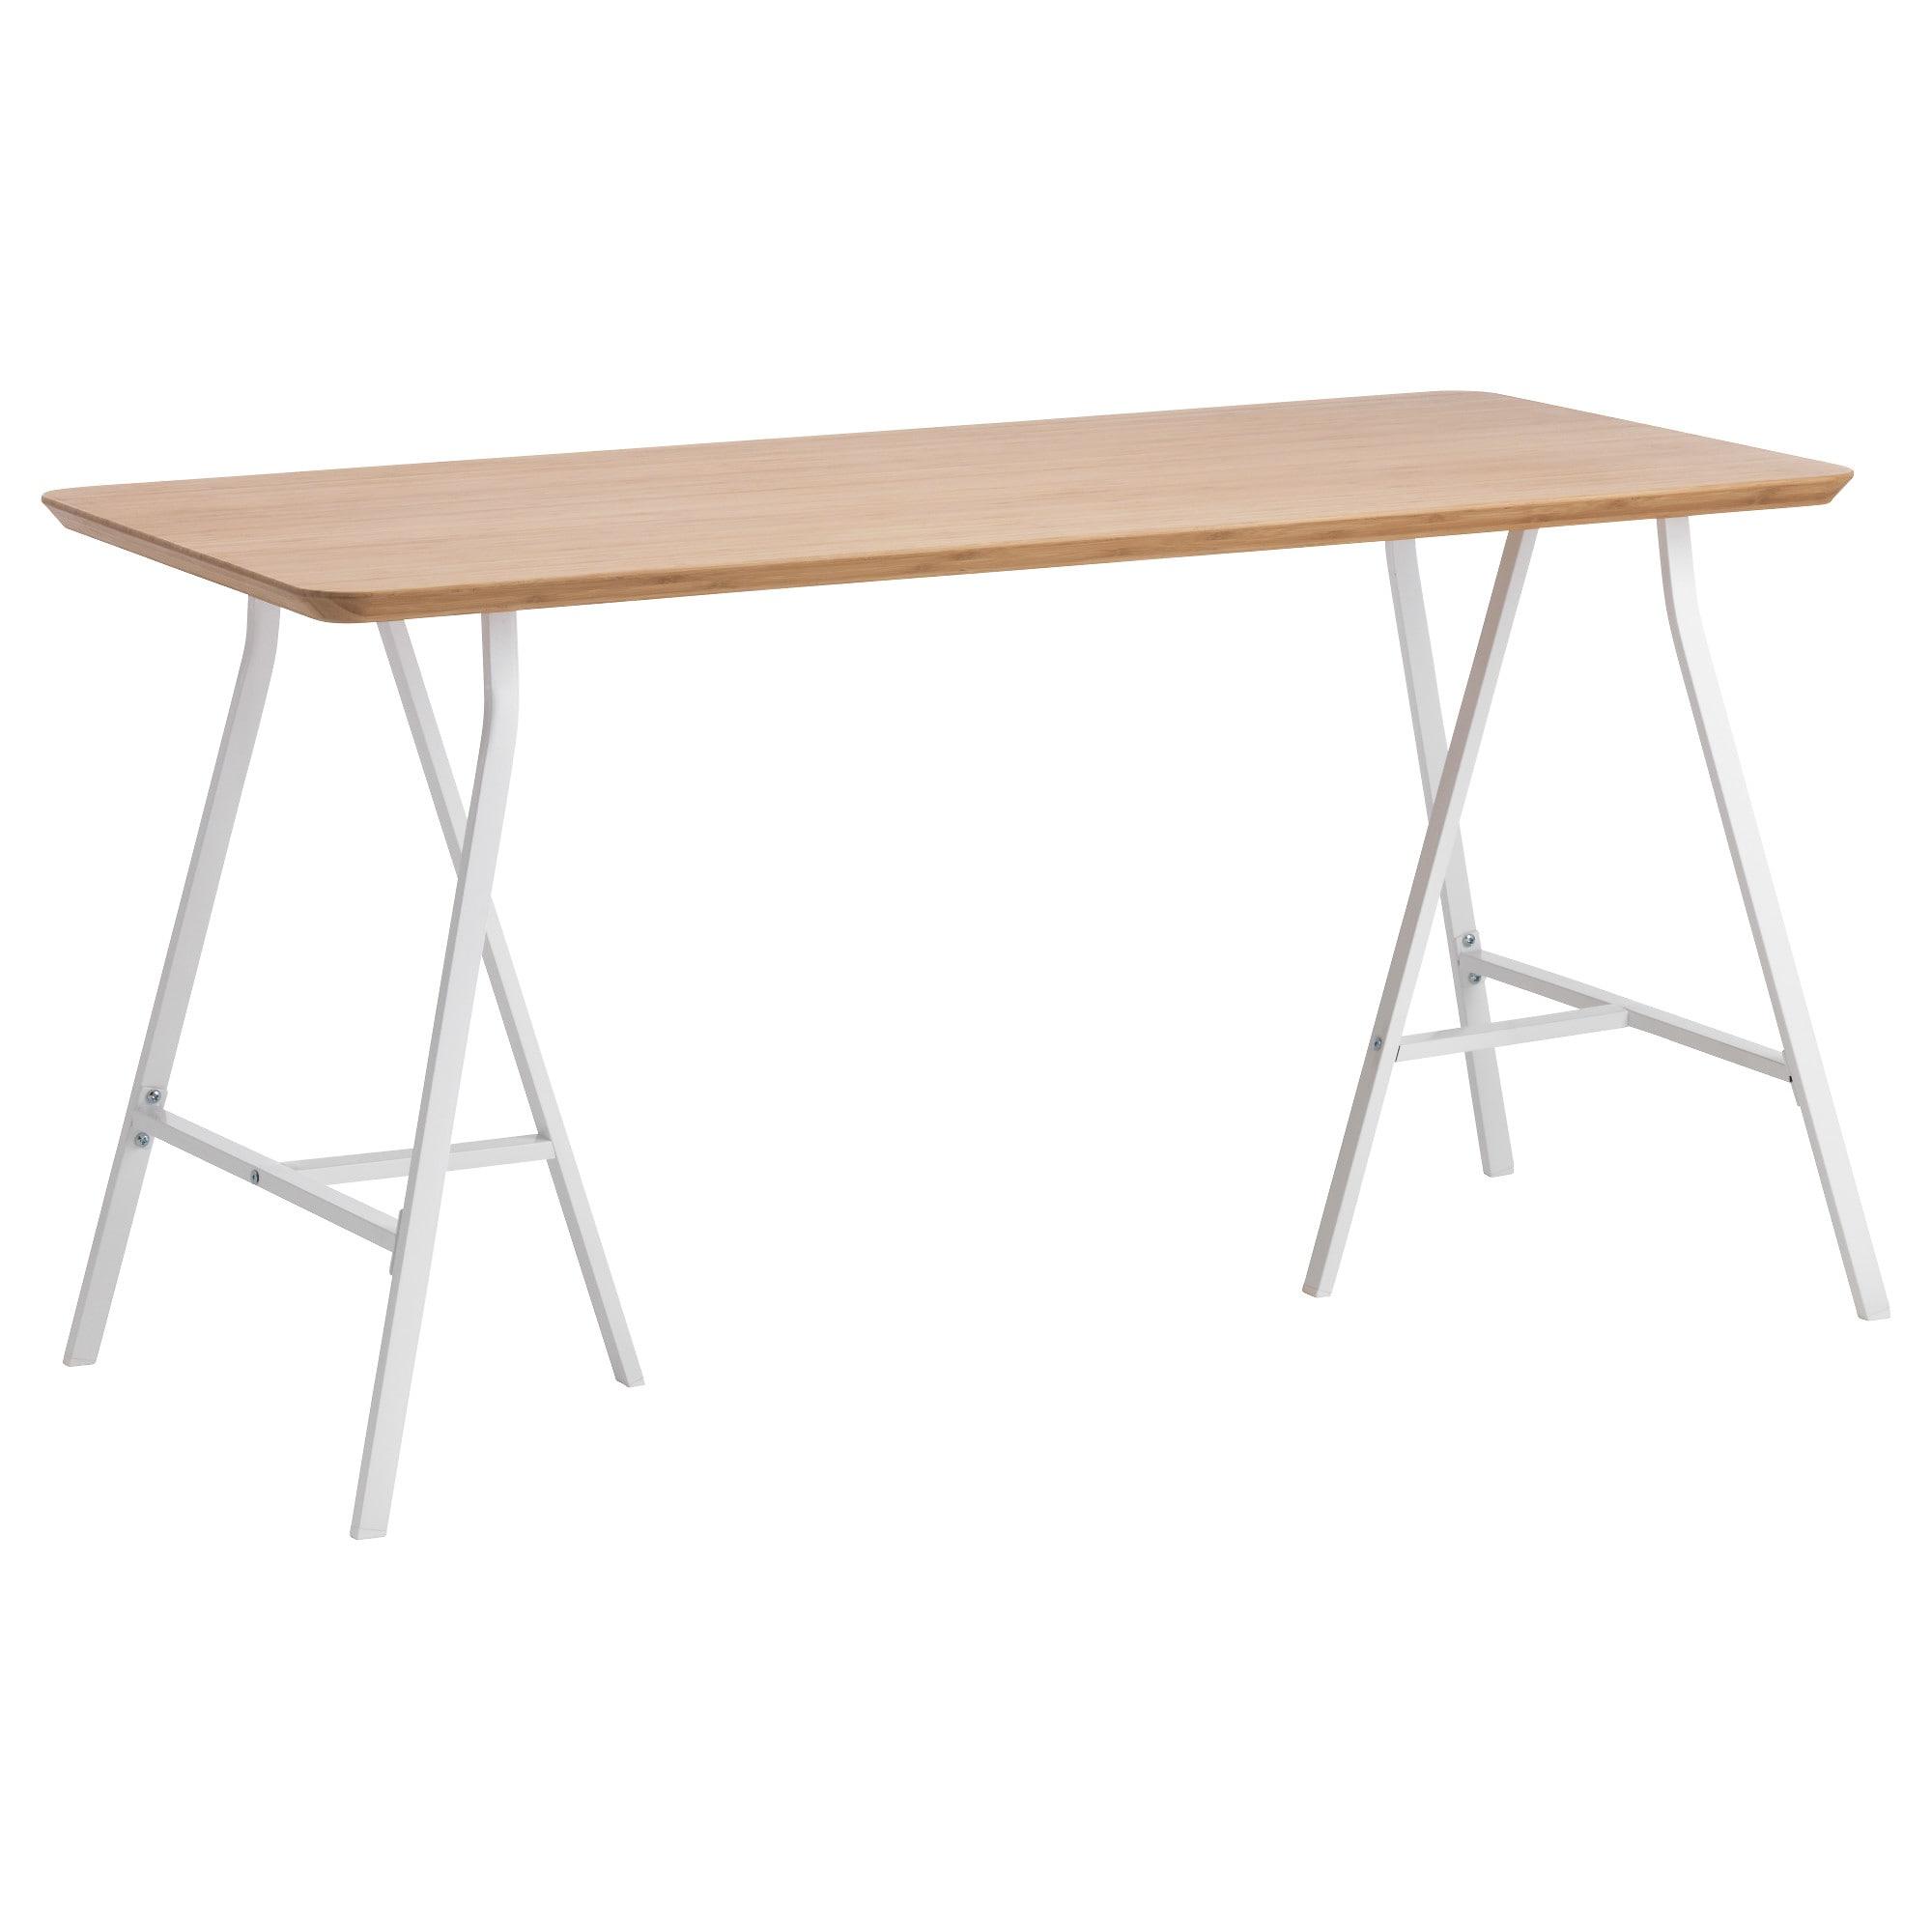 Mesa Escritorio Tldn Lerberg Hilver Mesa Bambú Blanco 140 X 65 Cm Ikea